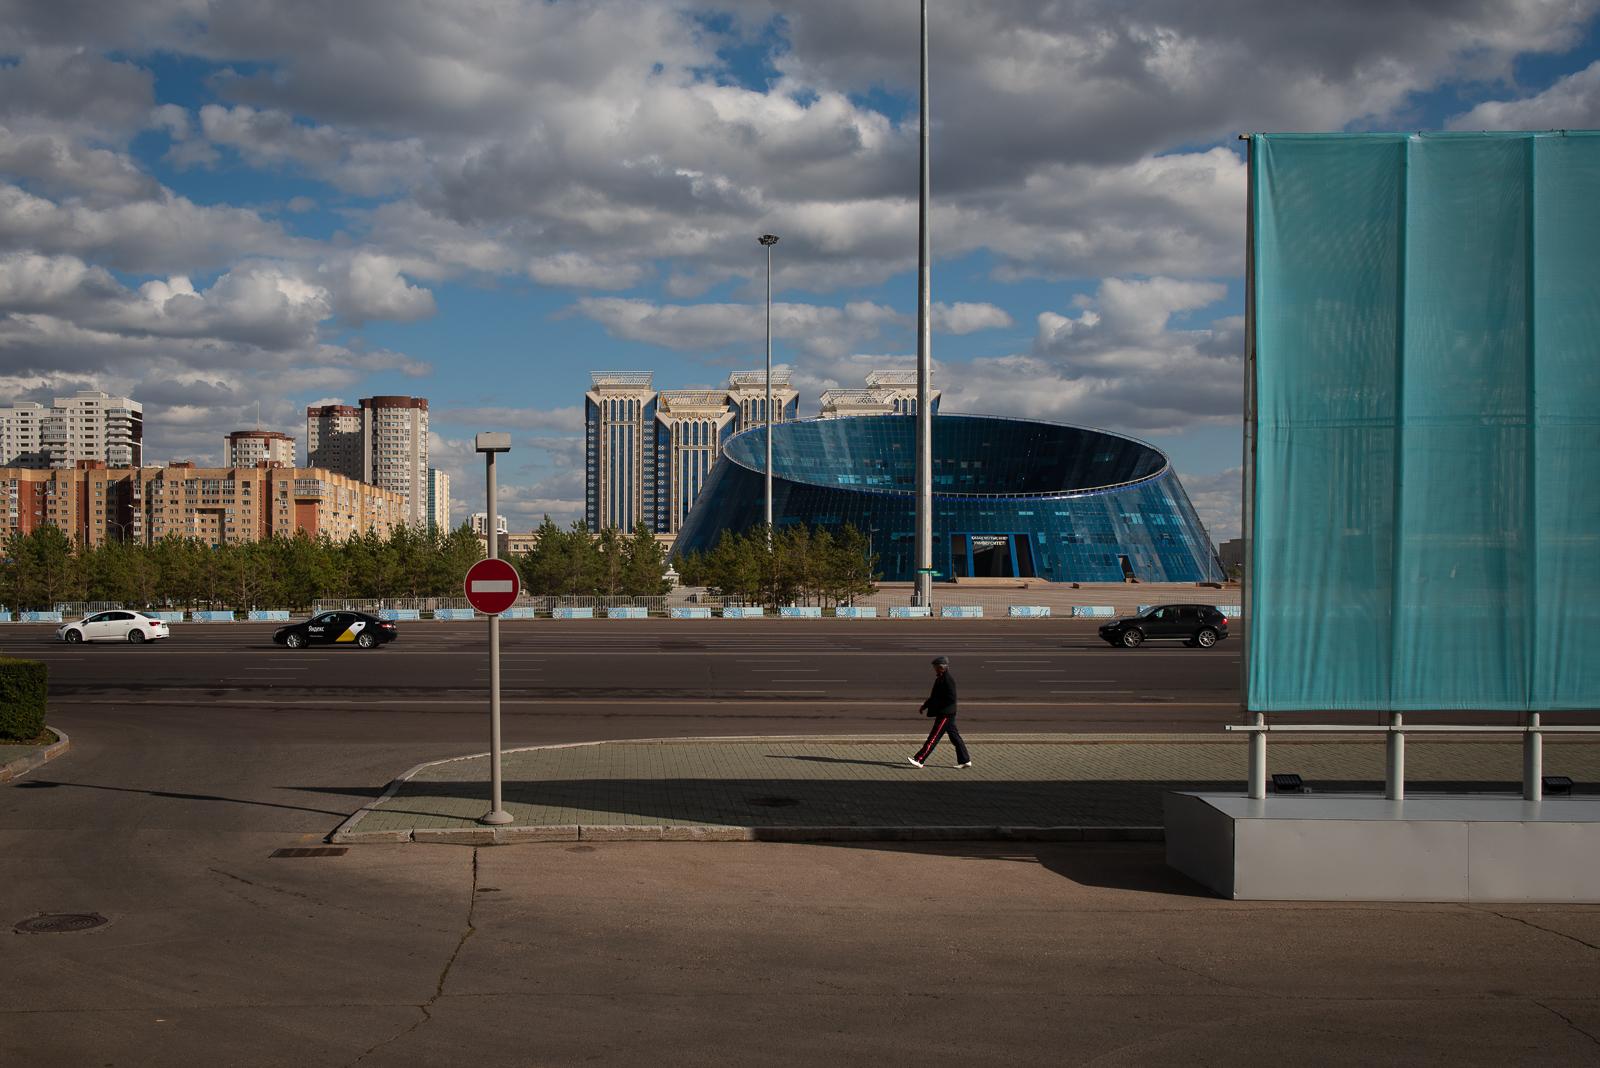 Kazakhstan Noursoultan Nur-Sultan Astana Architecture